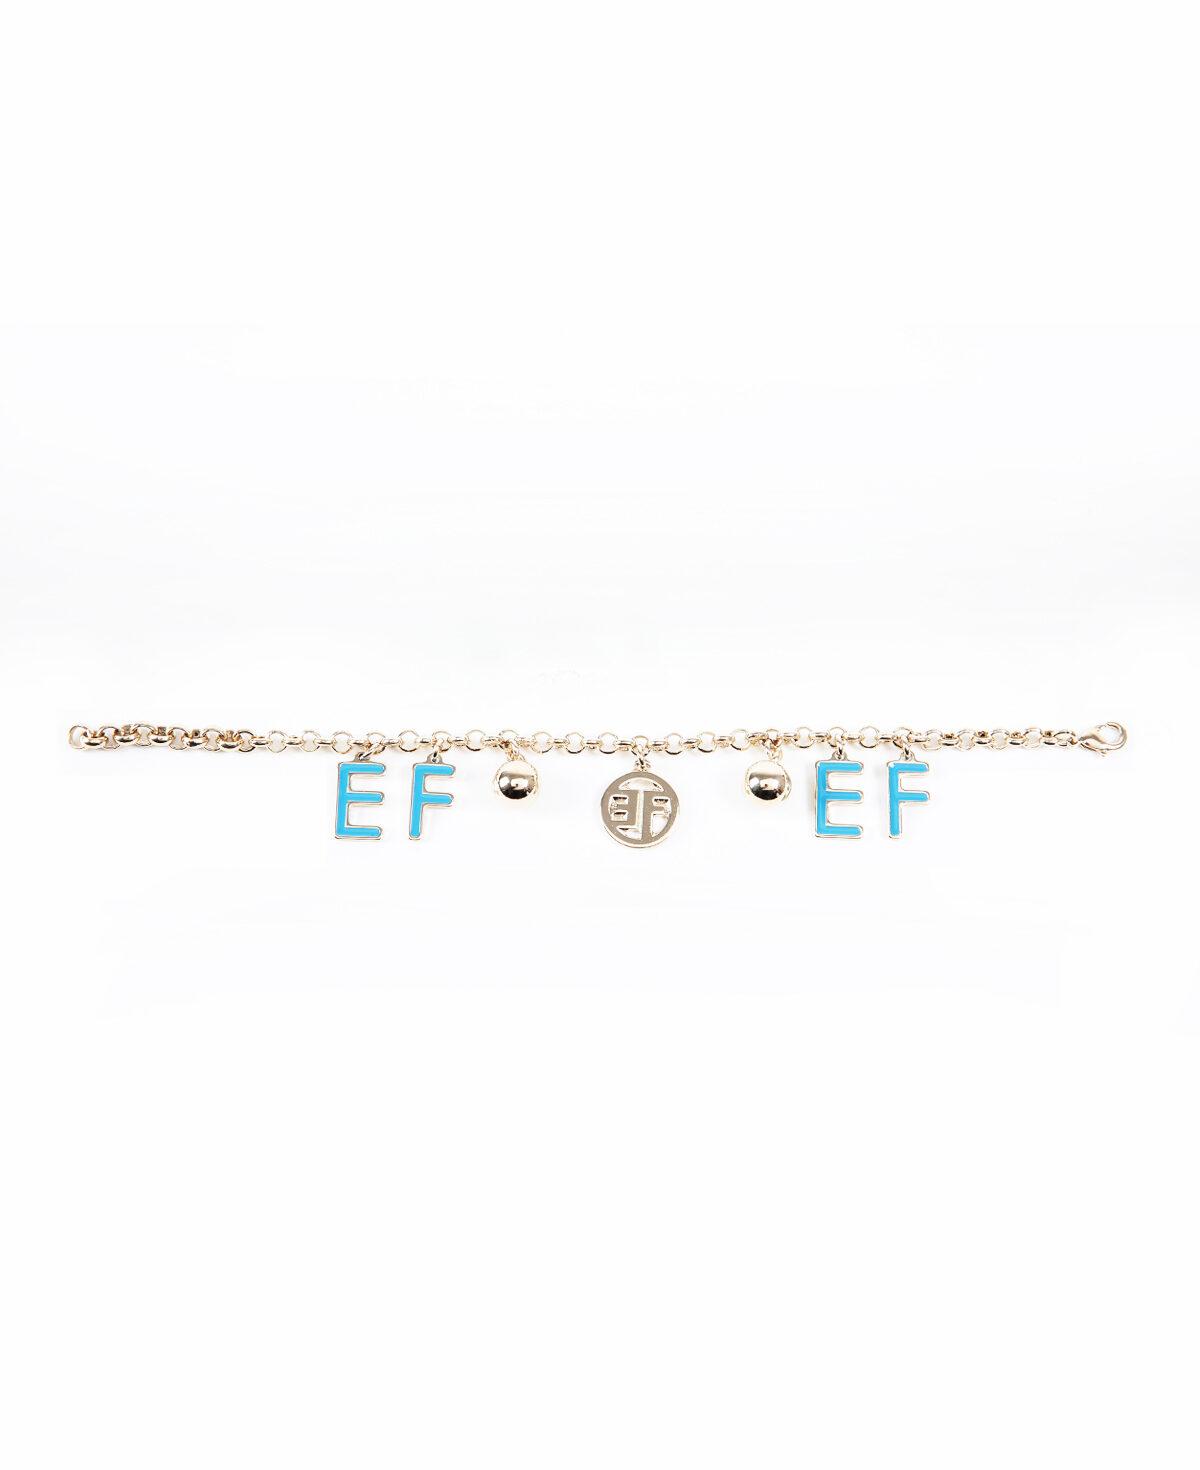 ELISA FANTI S/S 2021 SERIE EFHypnoticFantasy BRACCIALE CON CHARMS SMALTATI